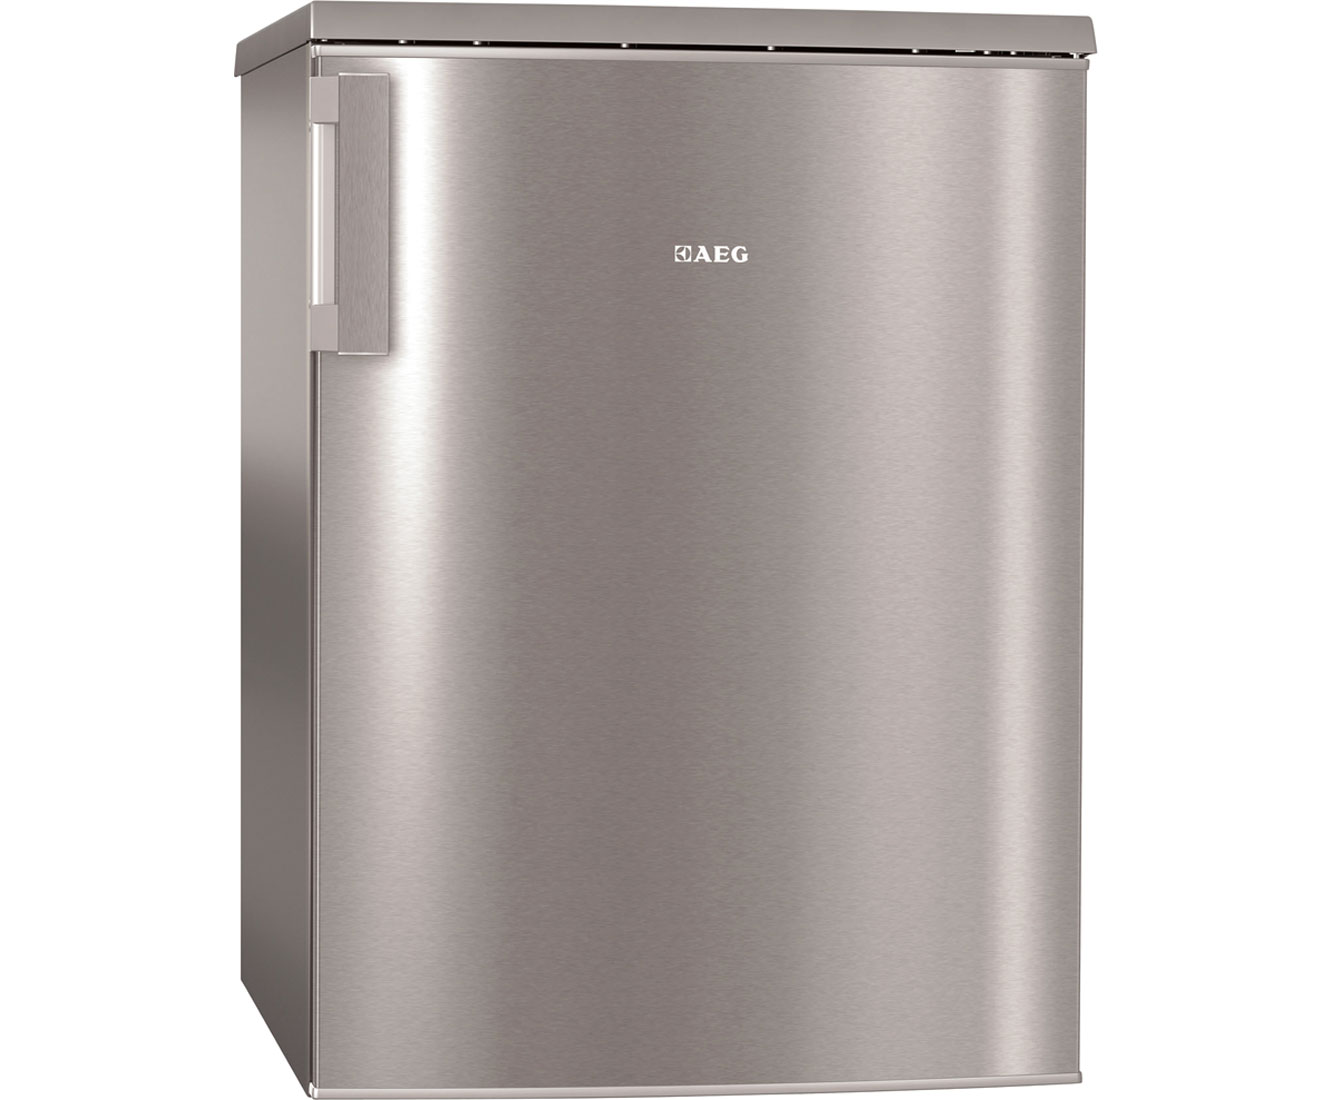 Kühlschrank Outdoor : Outdoor kühlschrank edelstahl u e modernes wohnzimmer k che